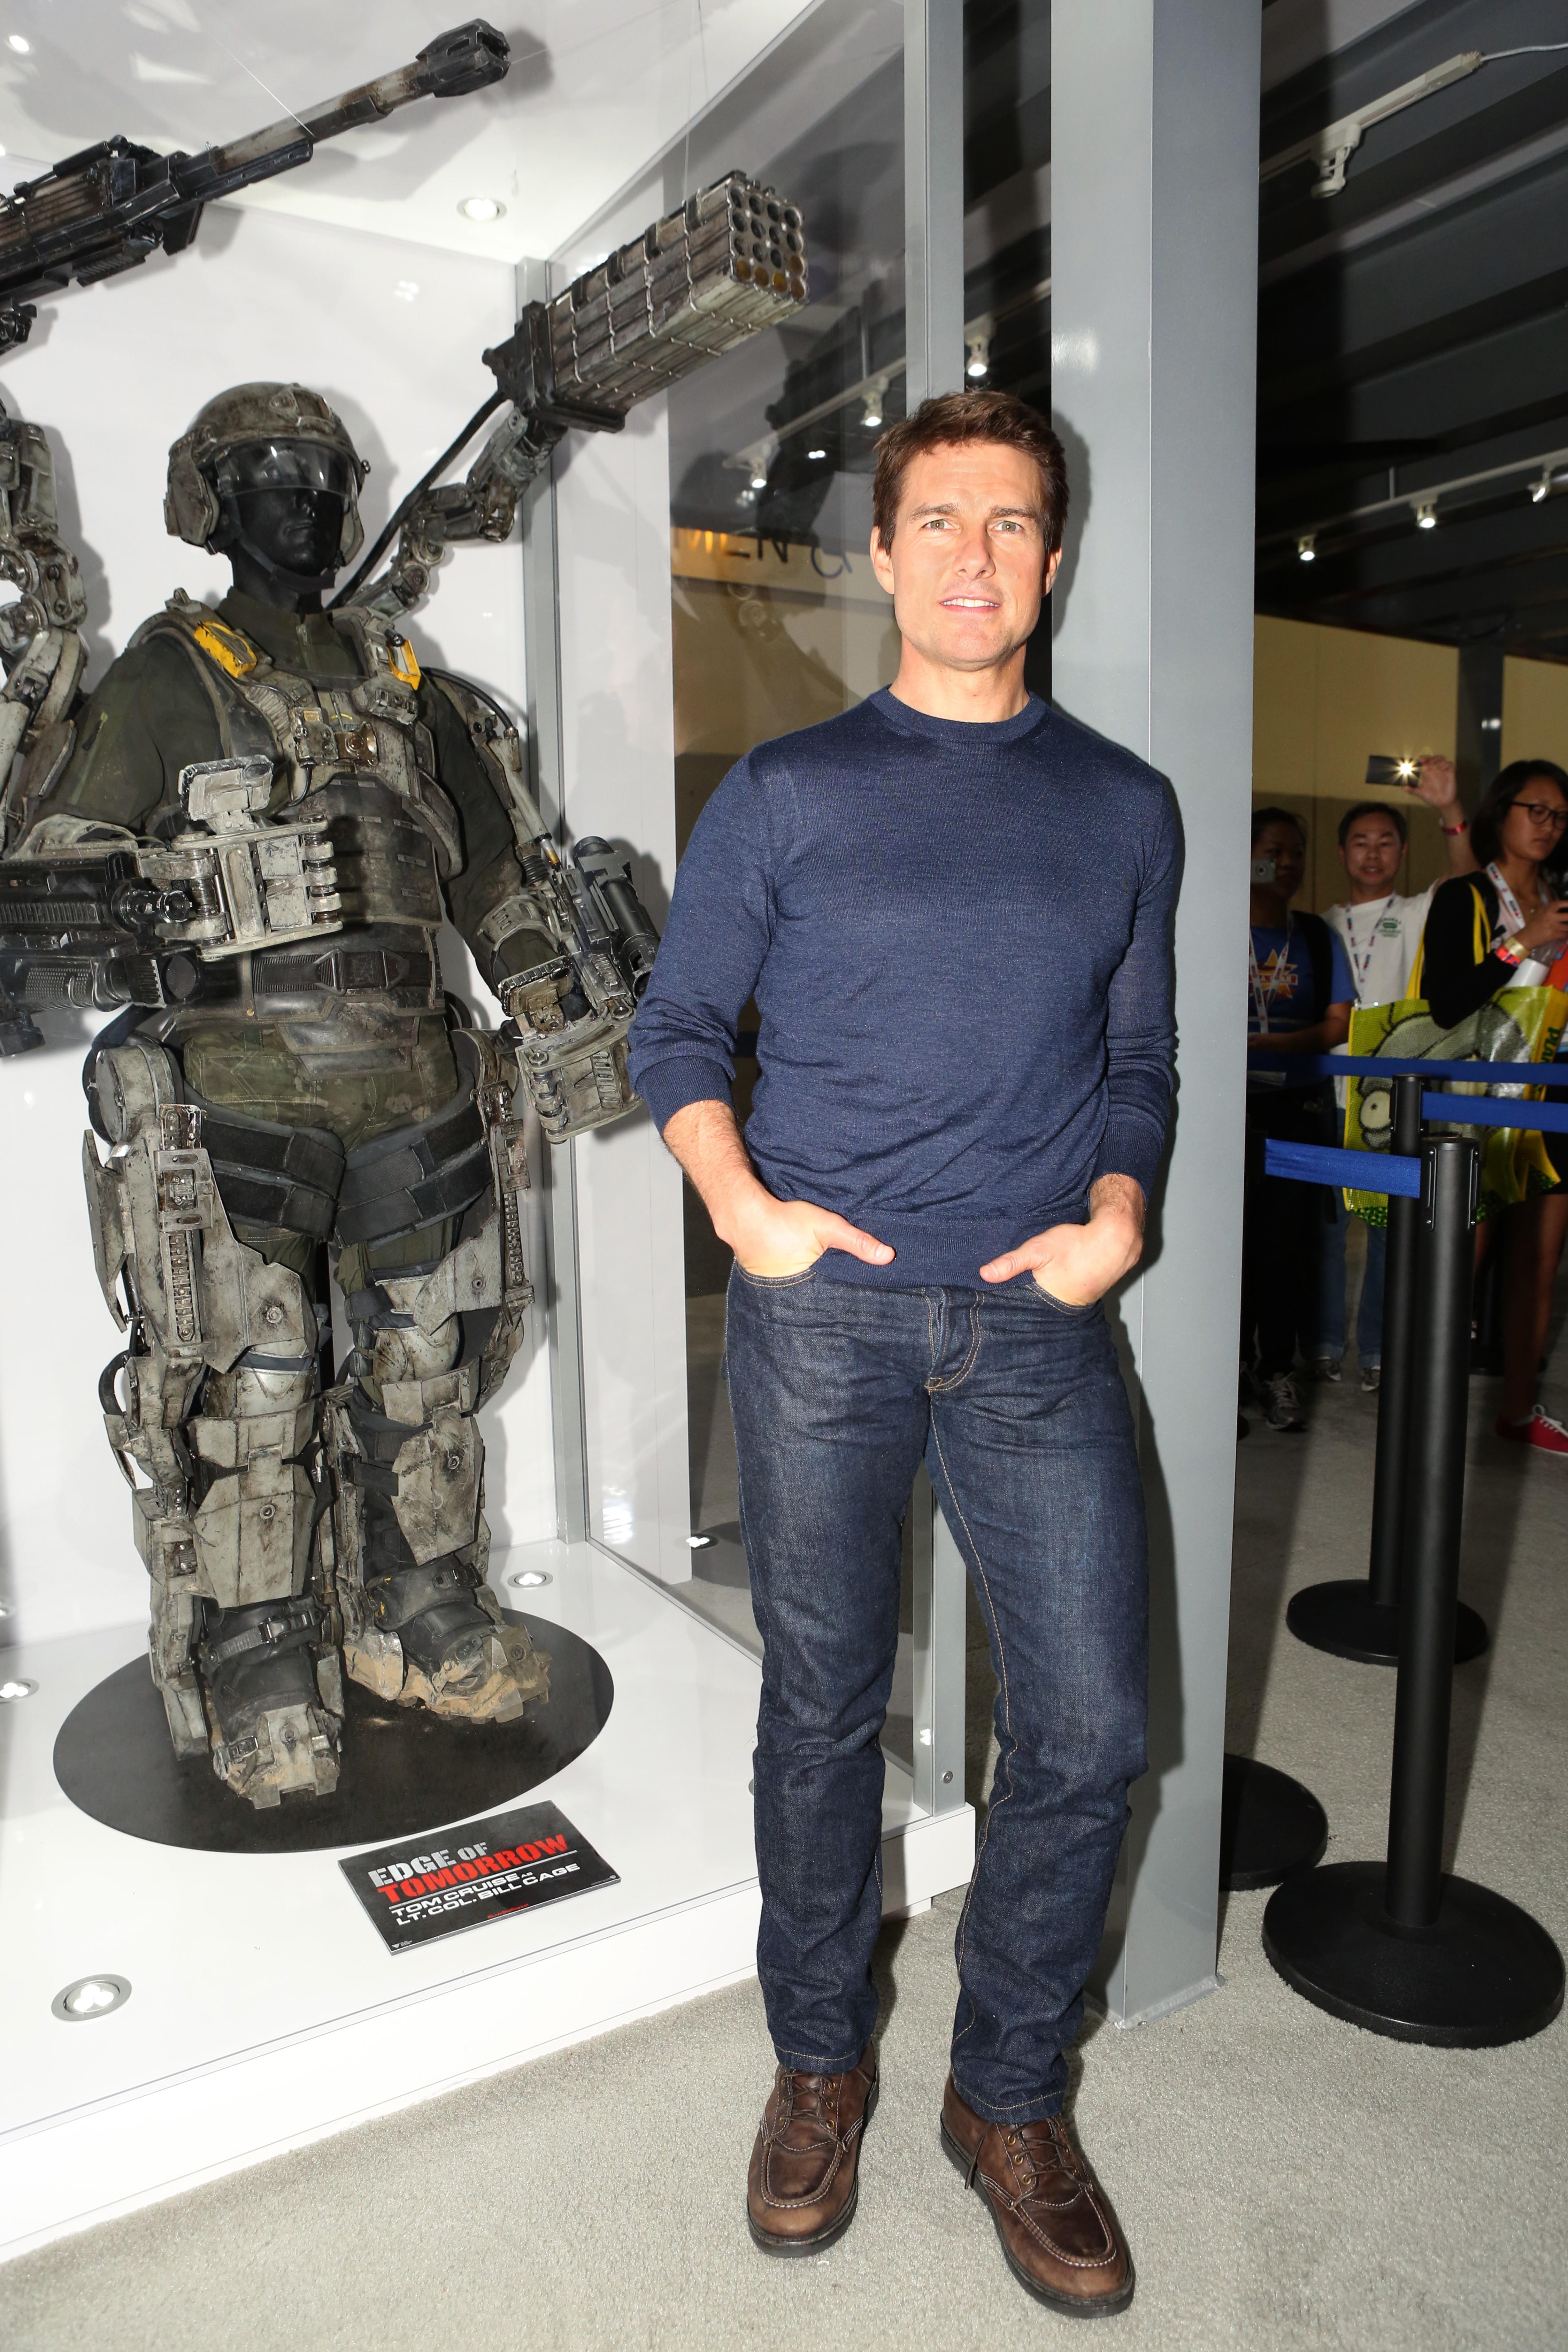 Aí está uma missão impossível: Fazer com que Tom Cruise aparente ser tão alto quanto seus pares femininos no cinema e na vida real (Nicole Kidman que o diria). Em 'Entrevista Com O Vampiro' (1994), ele chegou a usar um sapato com salto para ficar com altura equivalente ao colega de elenco Brad Pitt. (Foto: Getty Images)